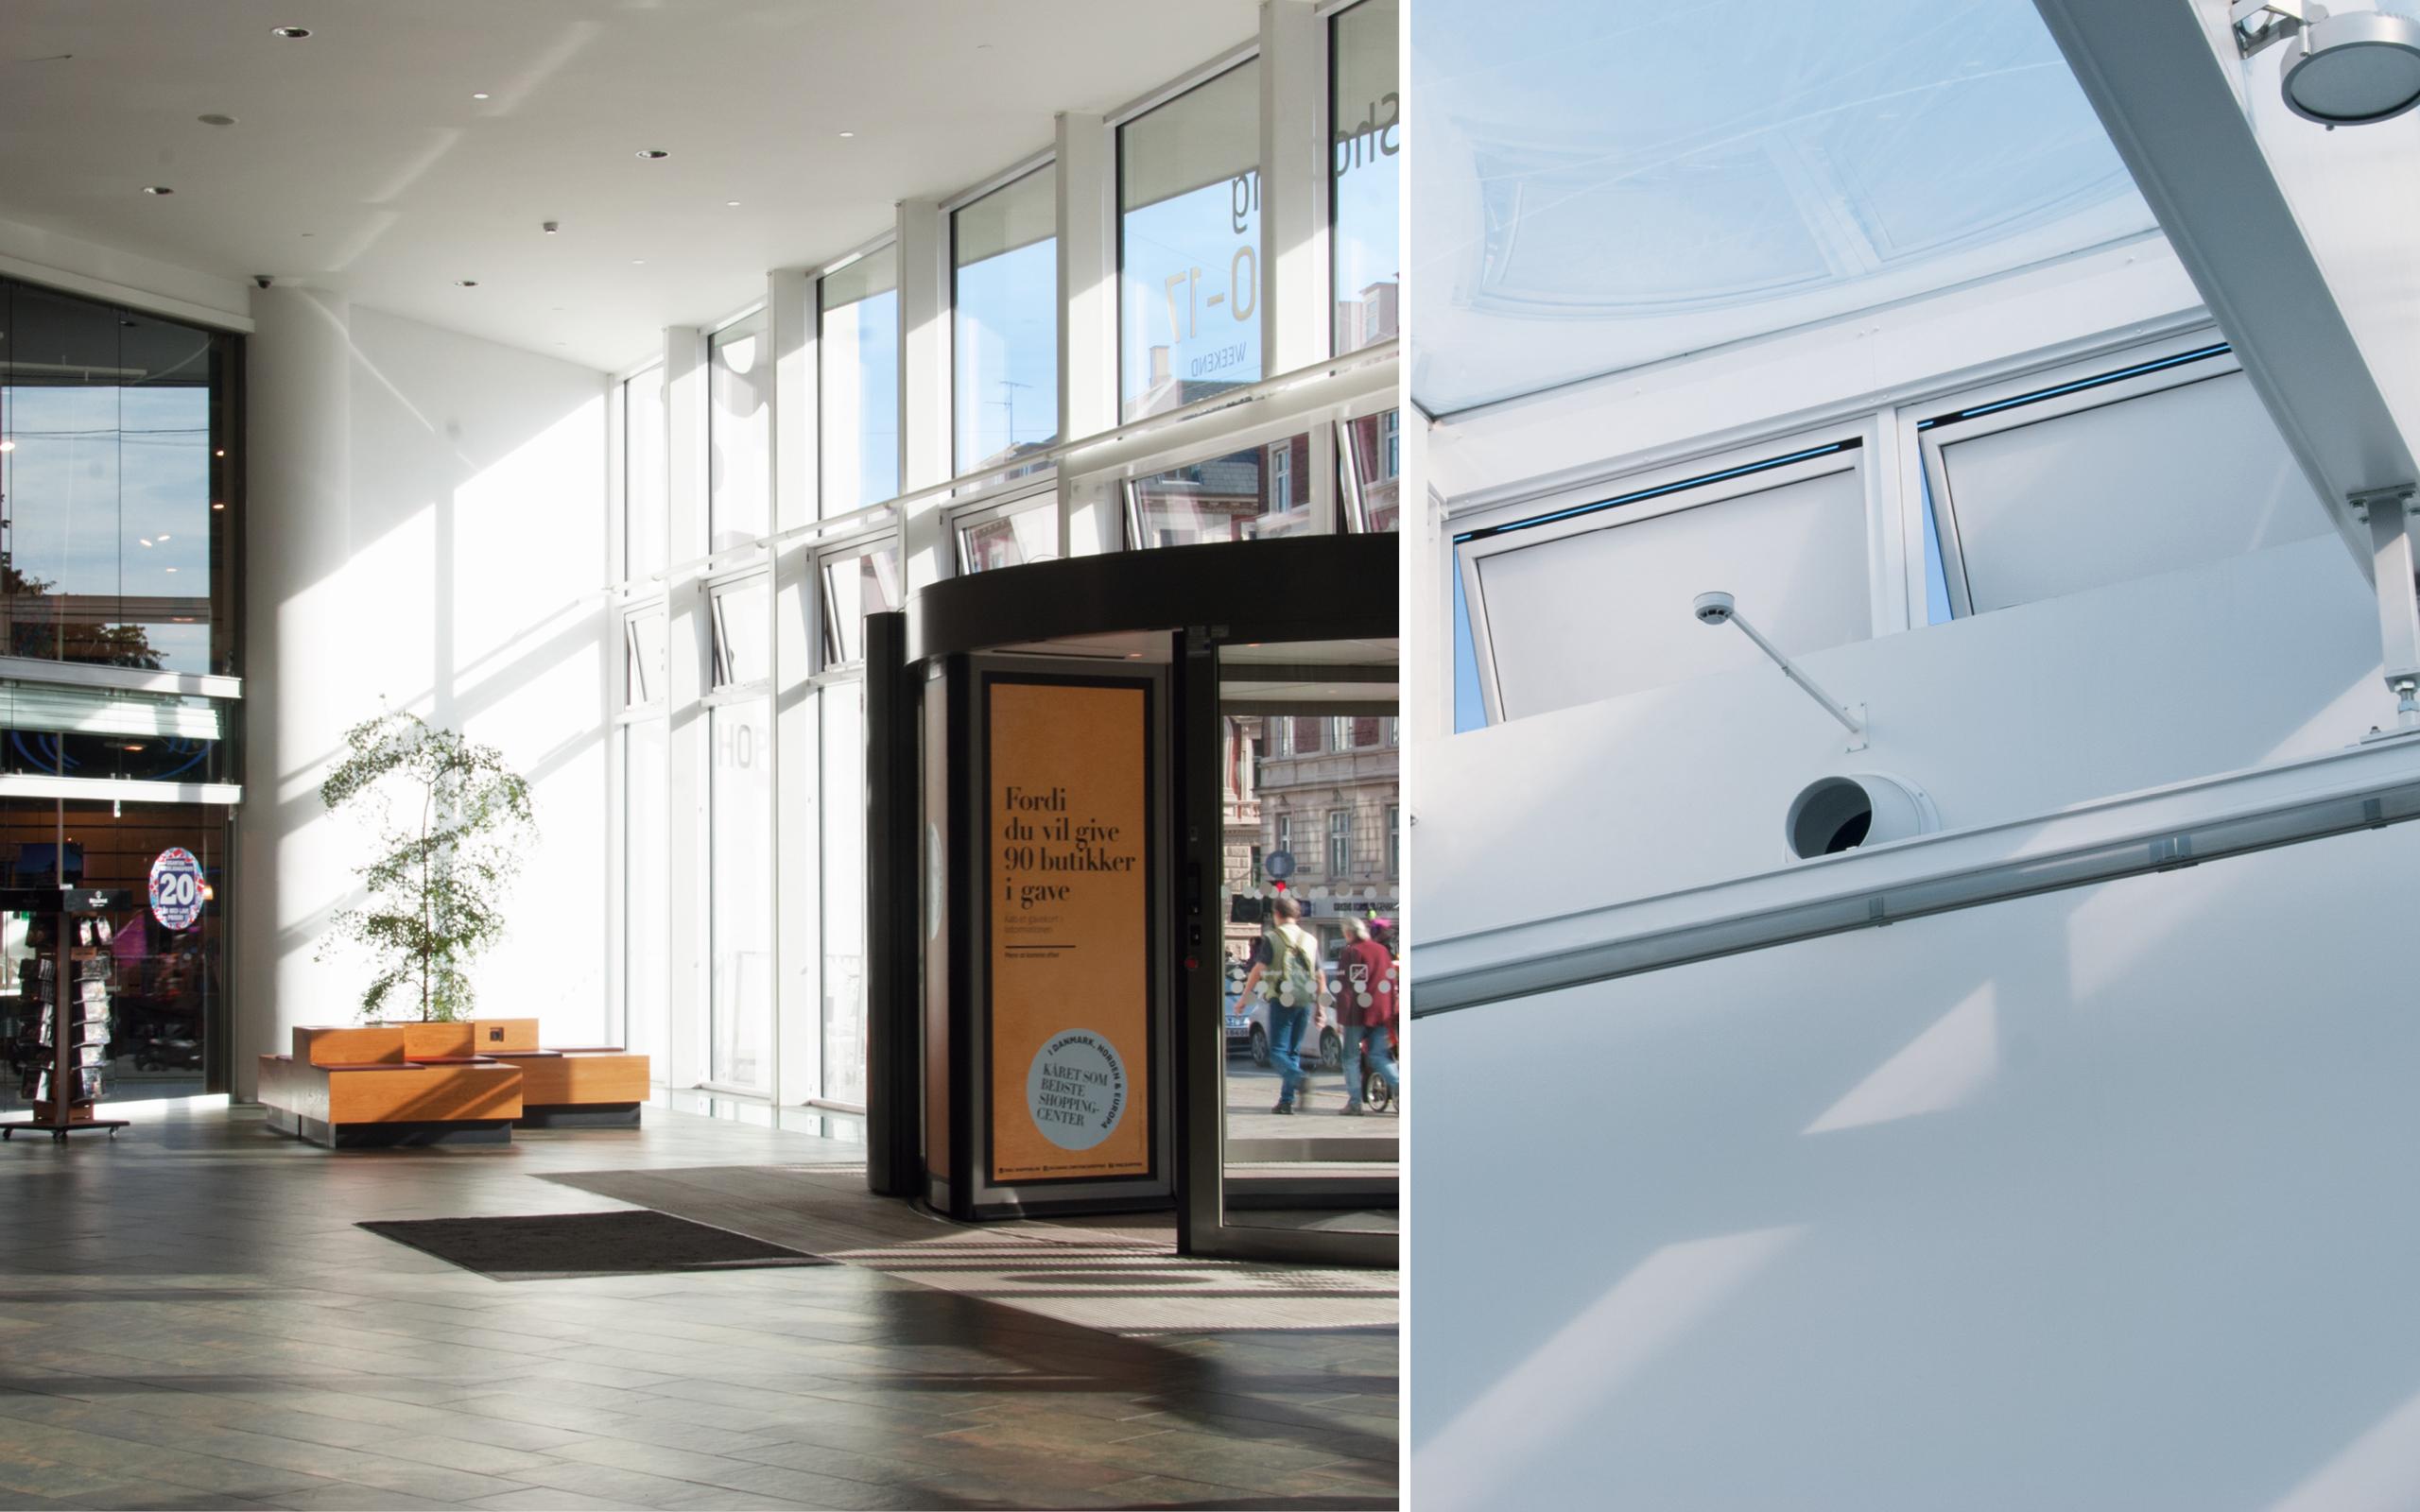 Naturlig ventilation sikrer stabilt indeklima i nordens bedste shoppingcenter - Mester Tidende